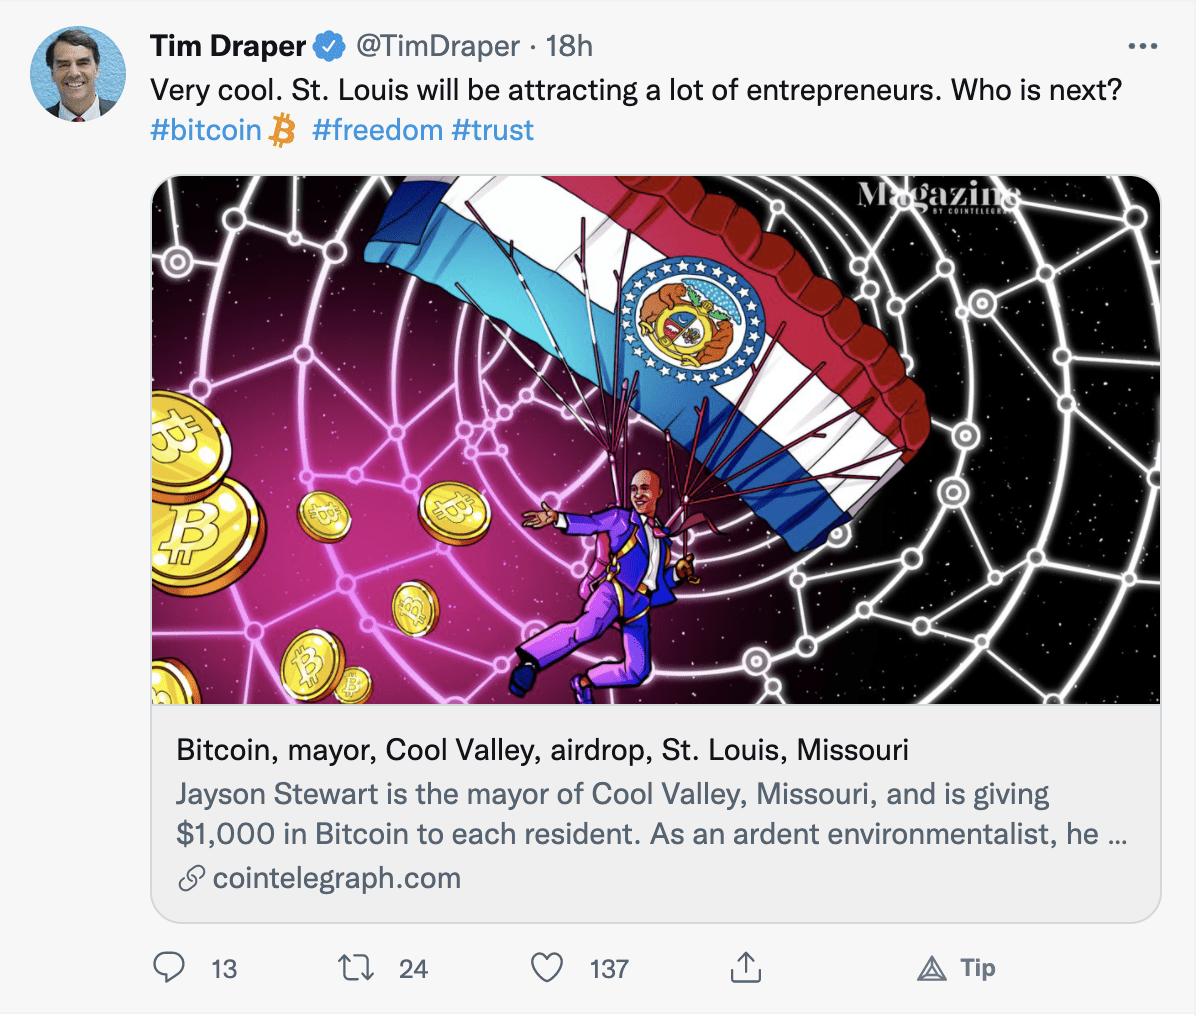 Tim Draper Tweet